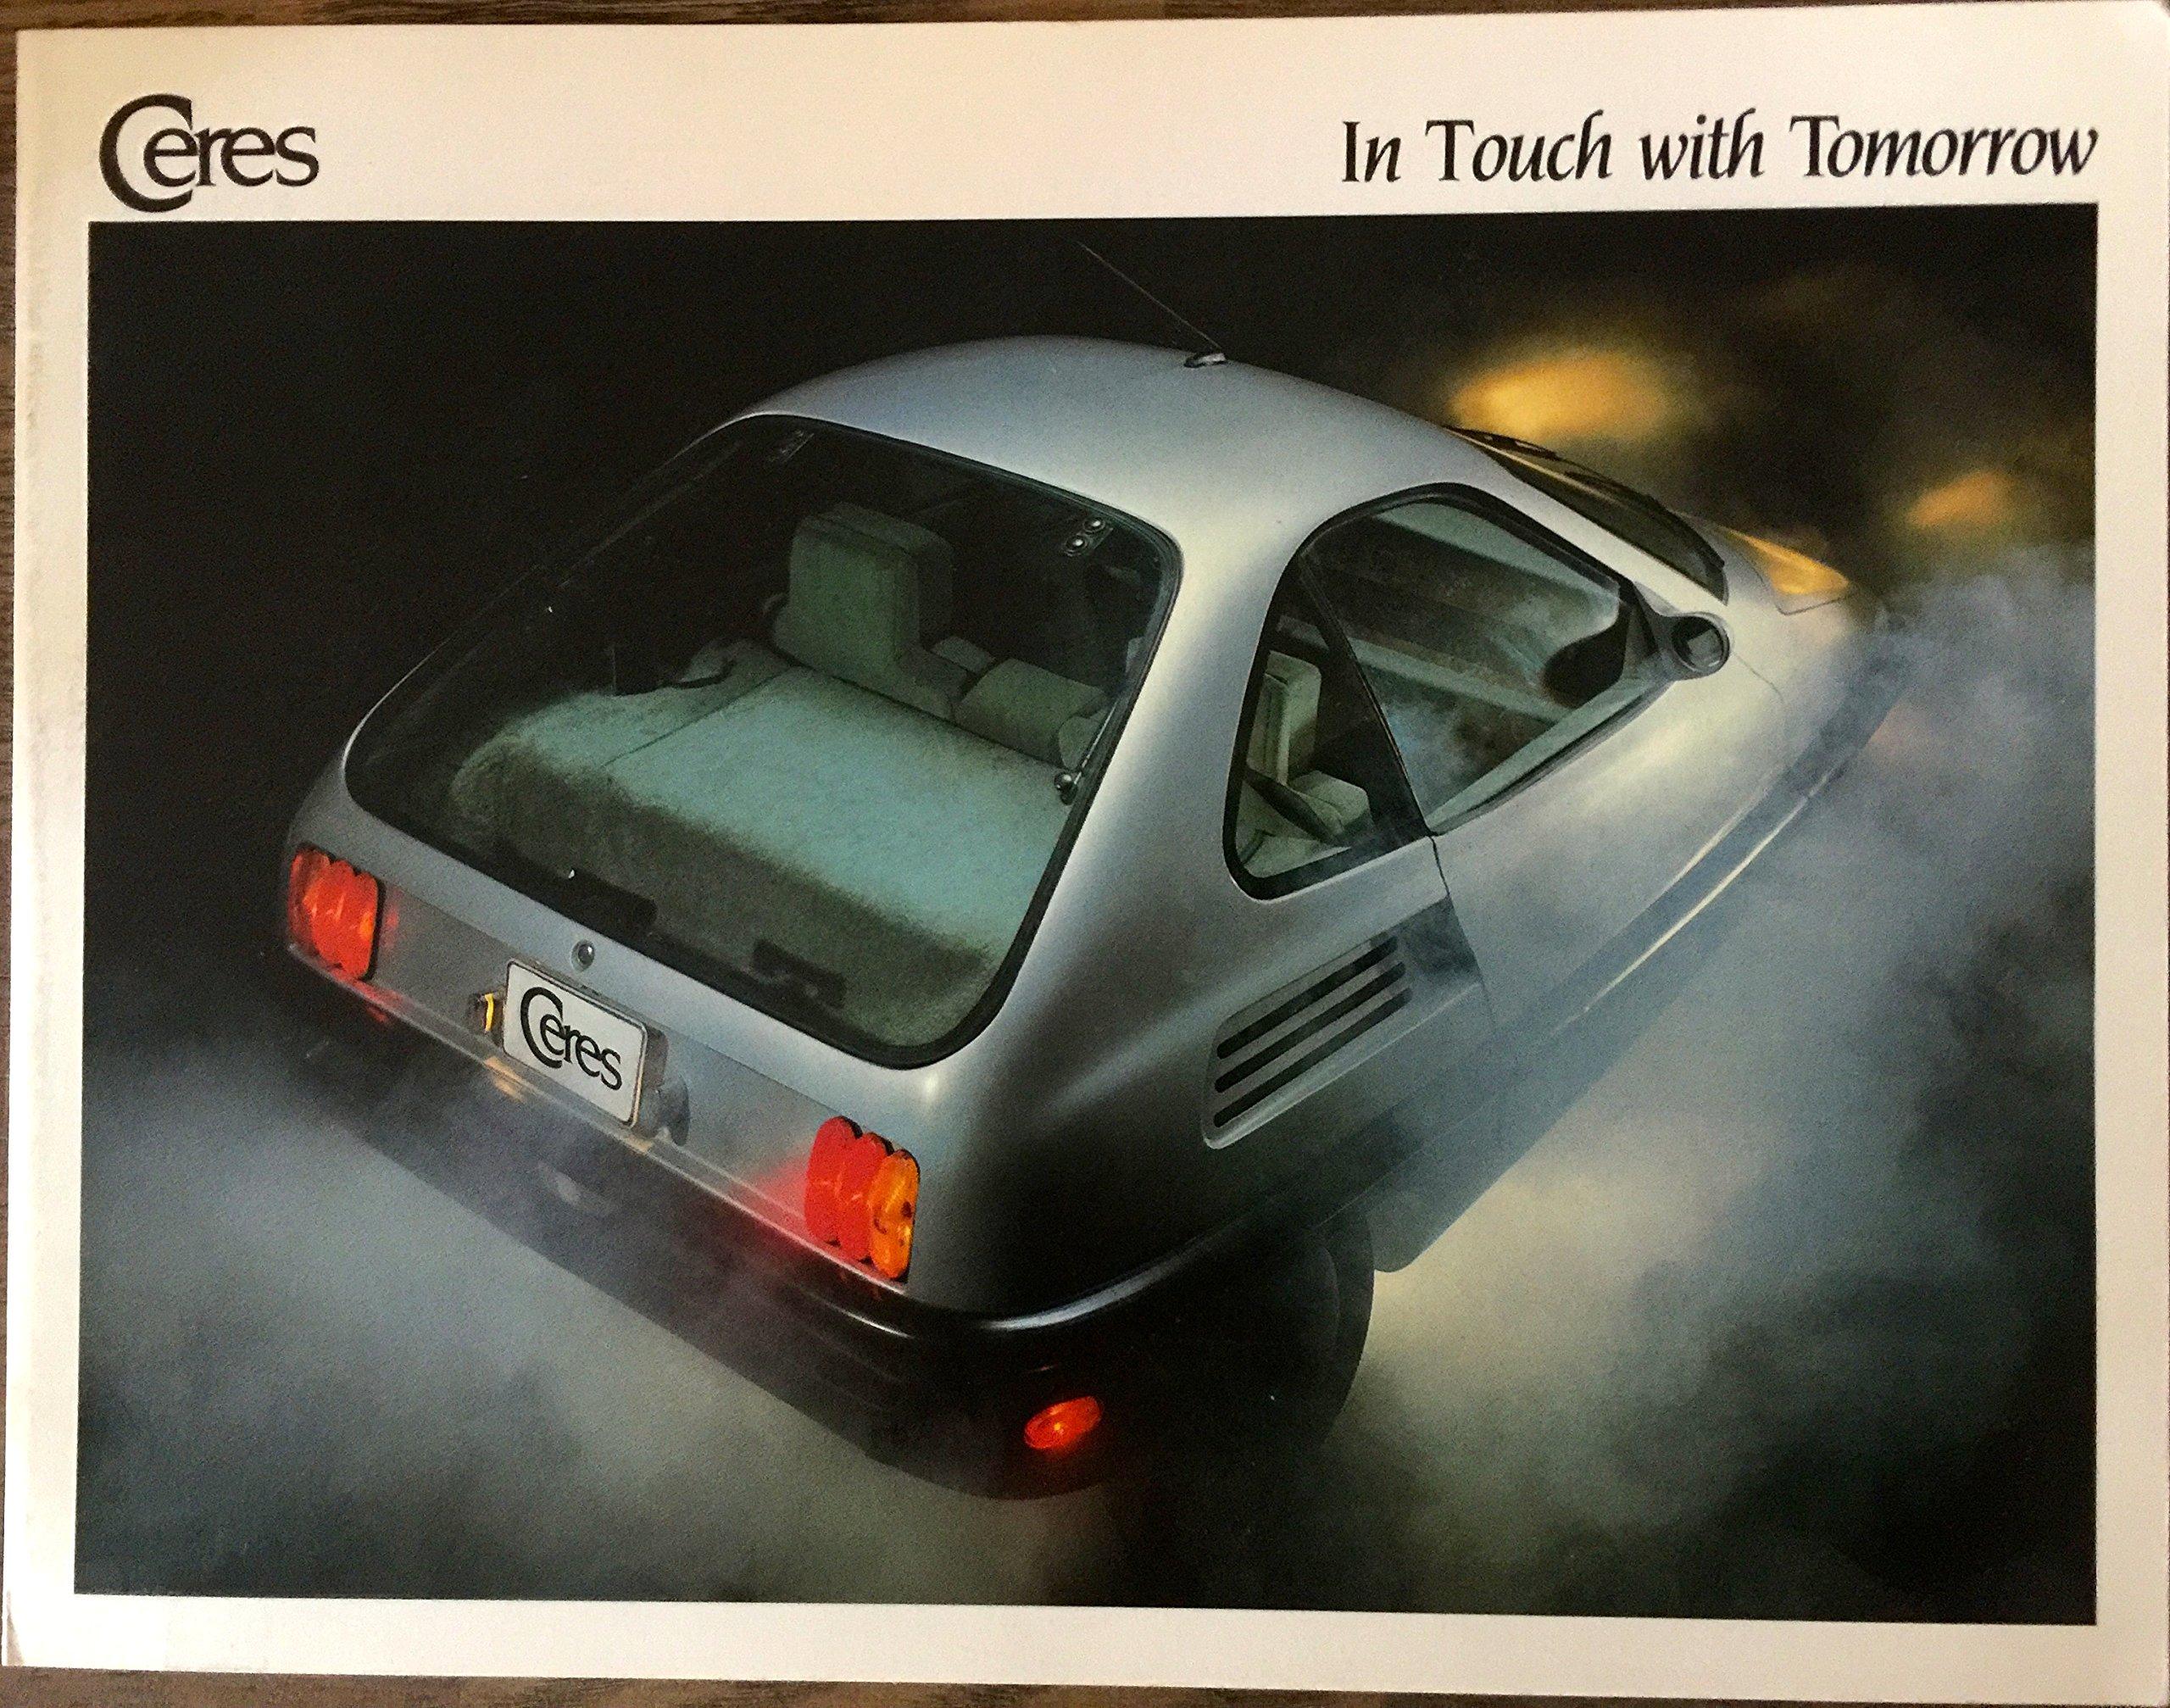 1983 Ceres Daihatsu 3-Wheel Automobile Brochure, Rockford Illinois